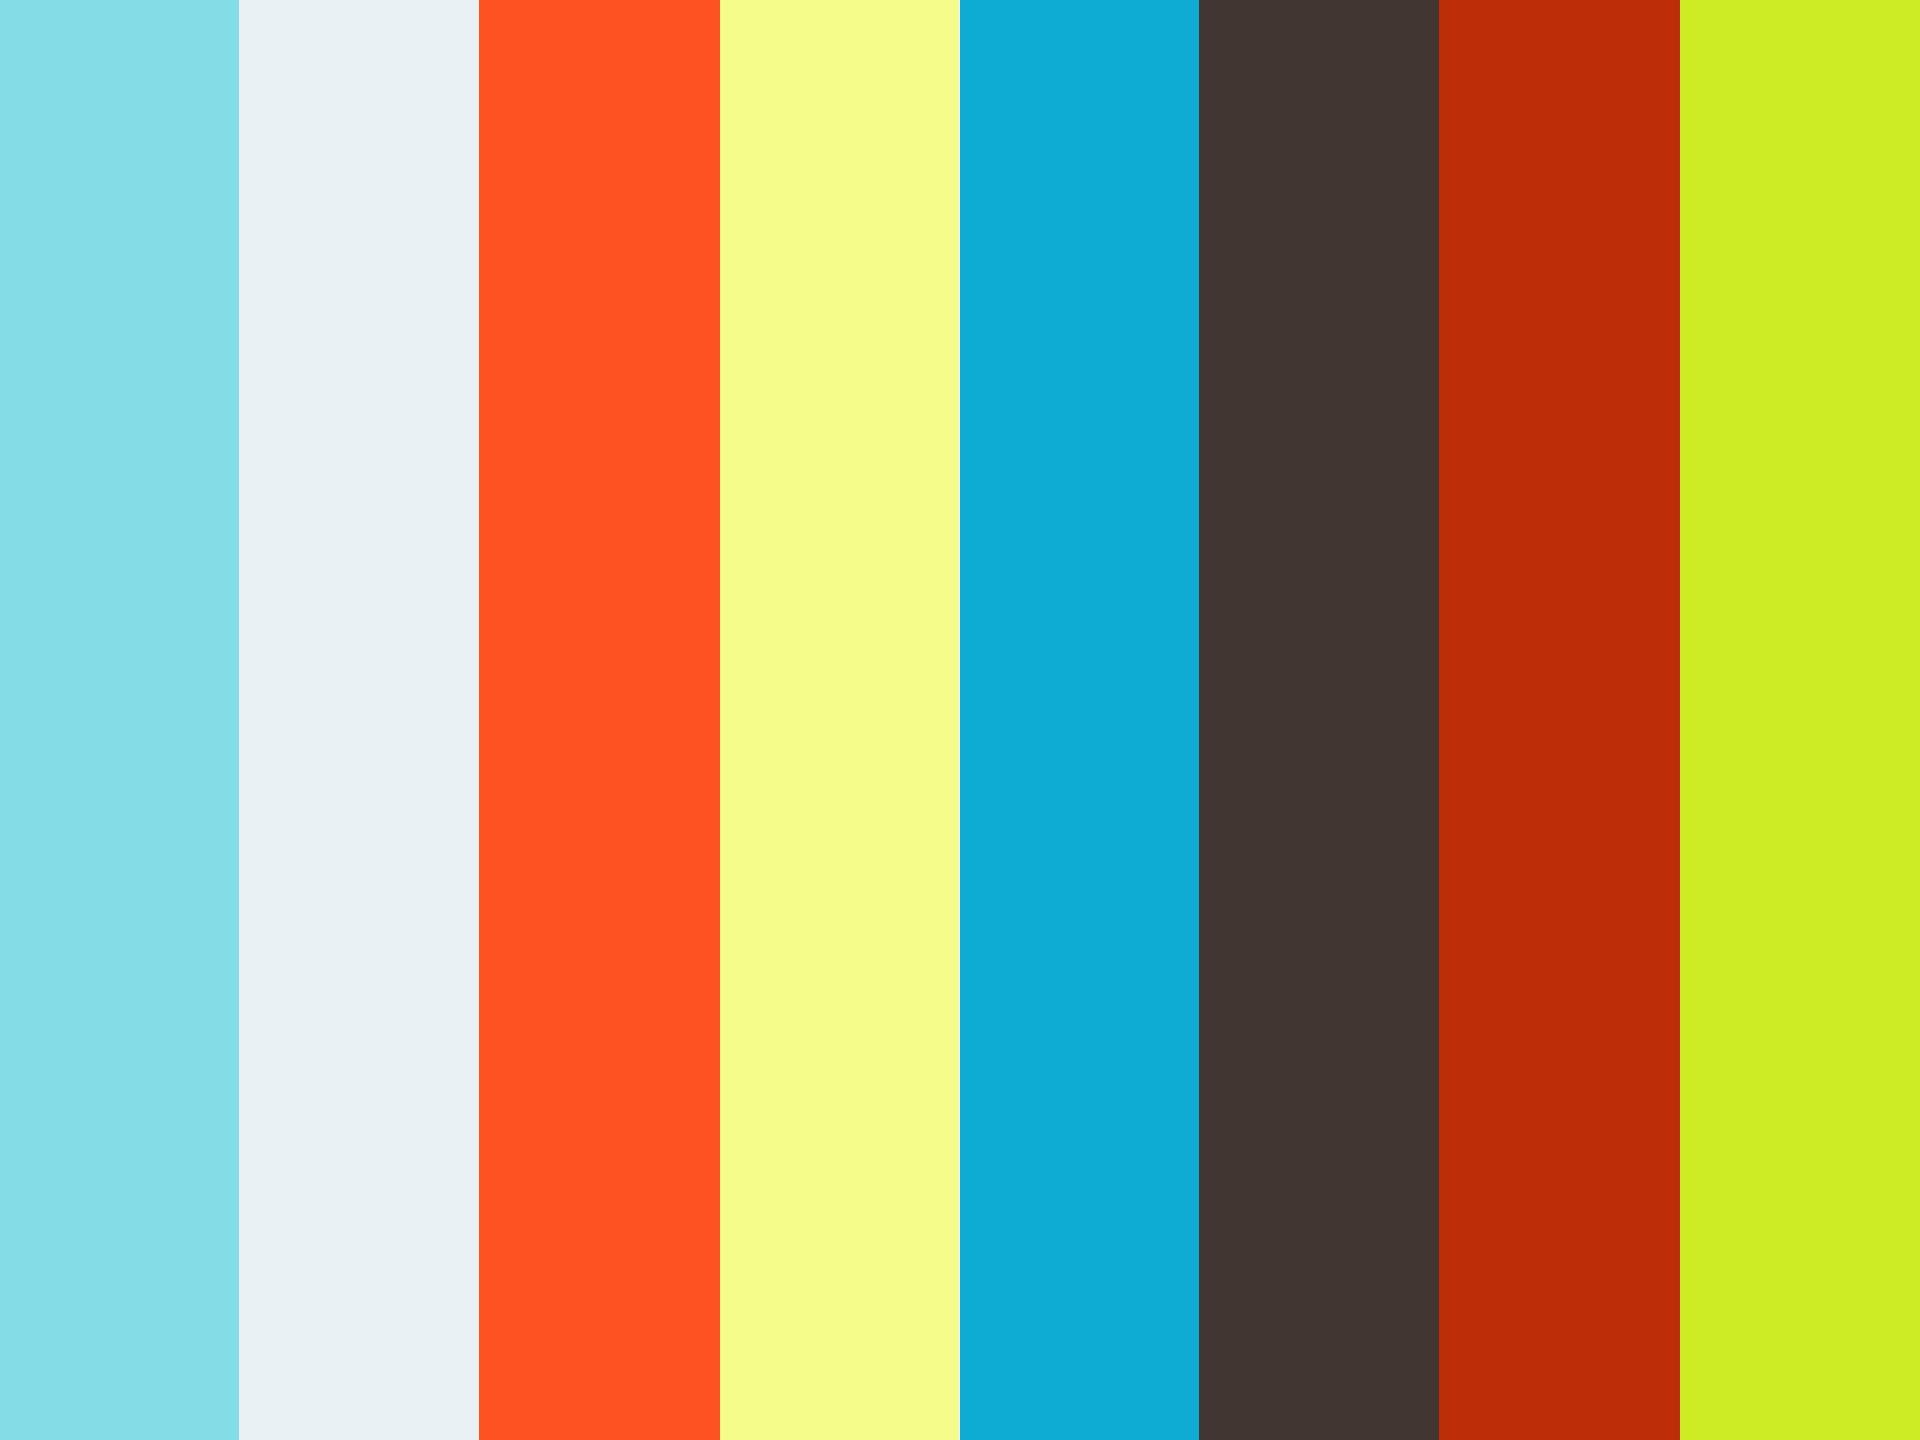 Comfortable Nail Art Images 2012 Thin Nail Polish For Healthy Nails Round Sheer Tint Nail Polish Exclusive Nail Art Young Safe Gel Nail Polish GrayNail Art Design Ideas For Beginners Does Vicks VapoRub Cure Toenail Fungus?   Podiatrist In Chicago ..